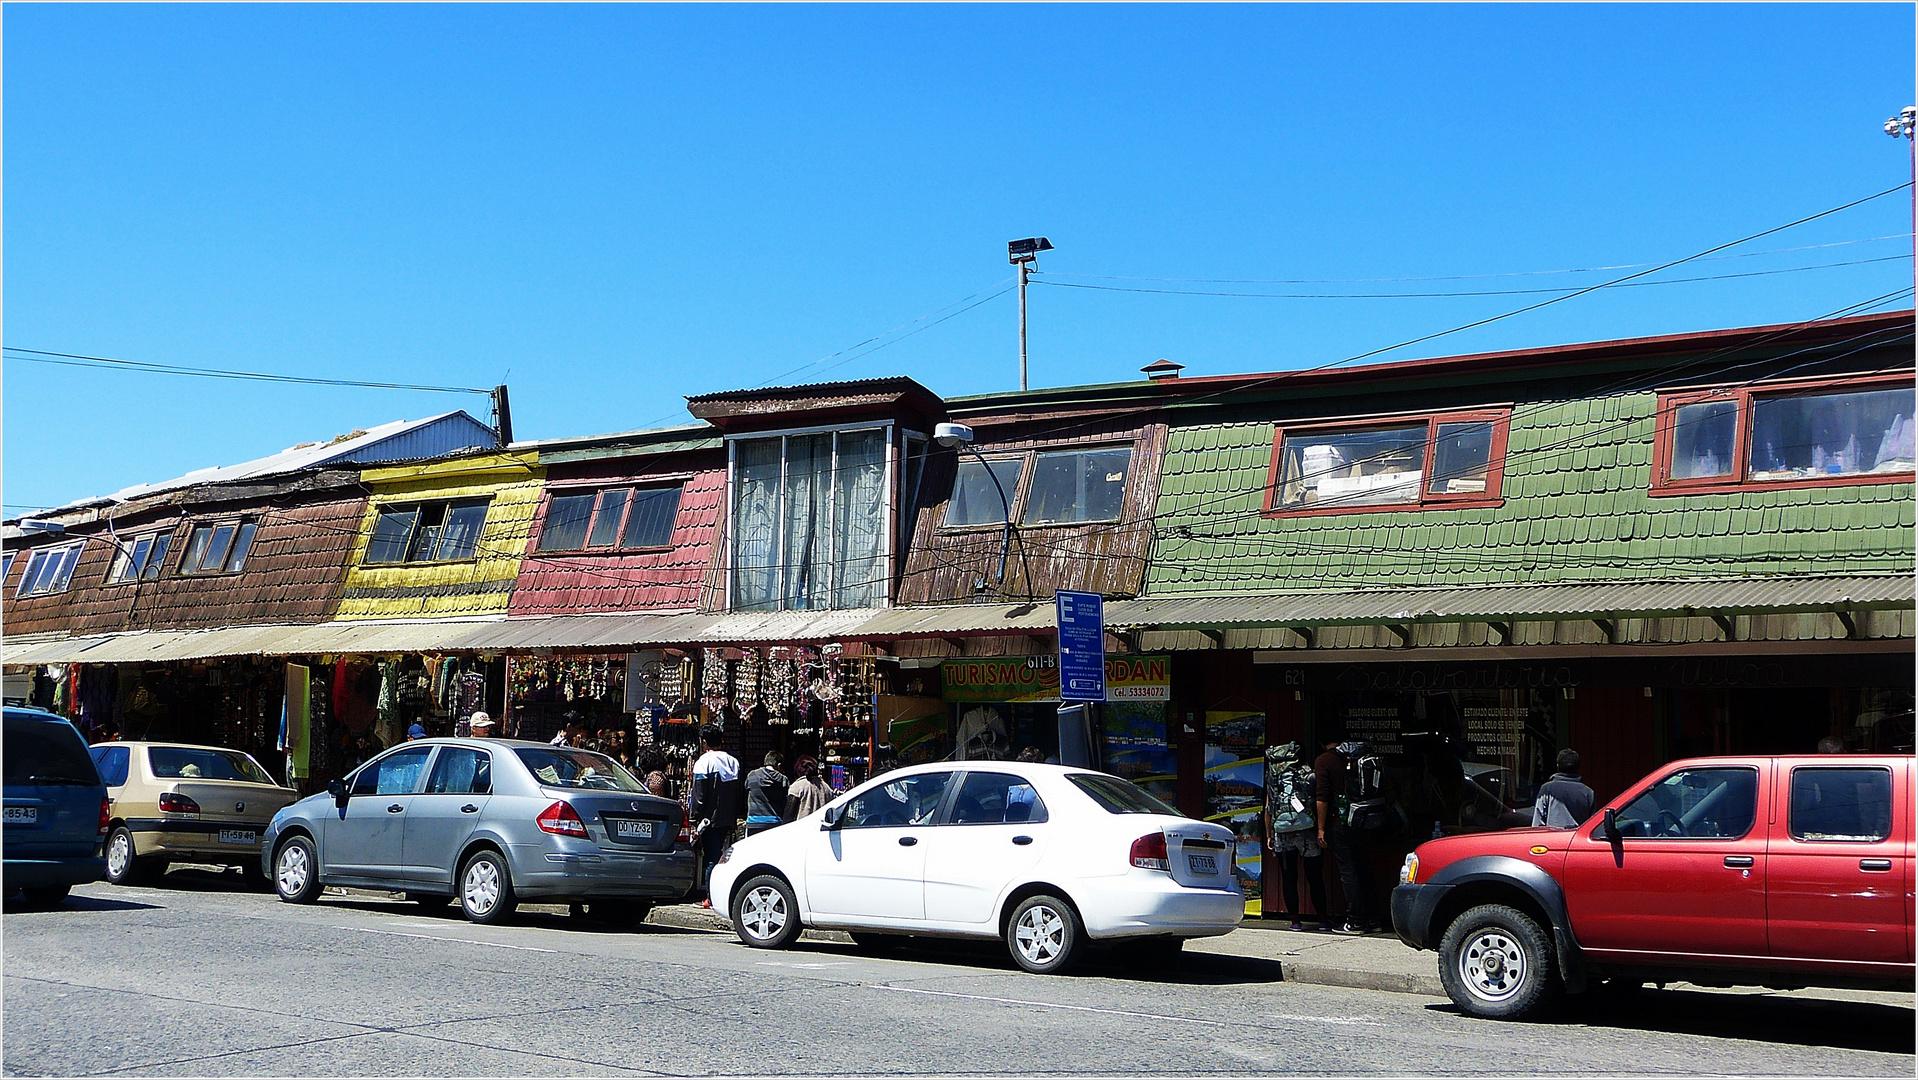 Schiefe Holz-Architektur in Puerto Montt-El Angelno..............